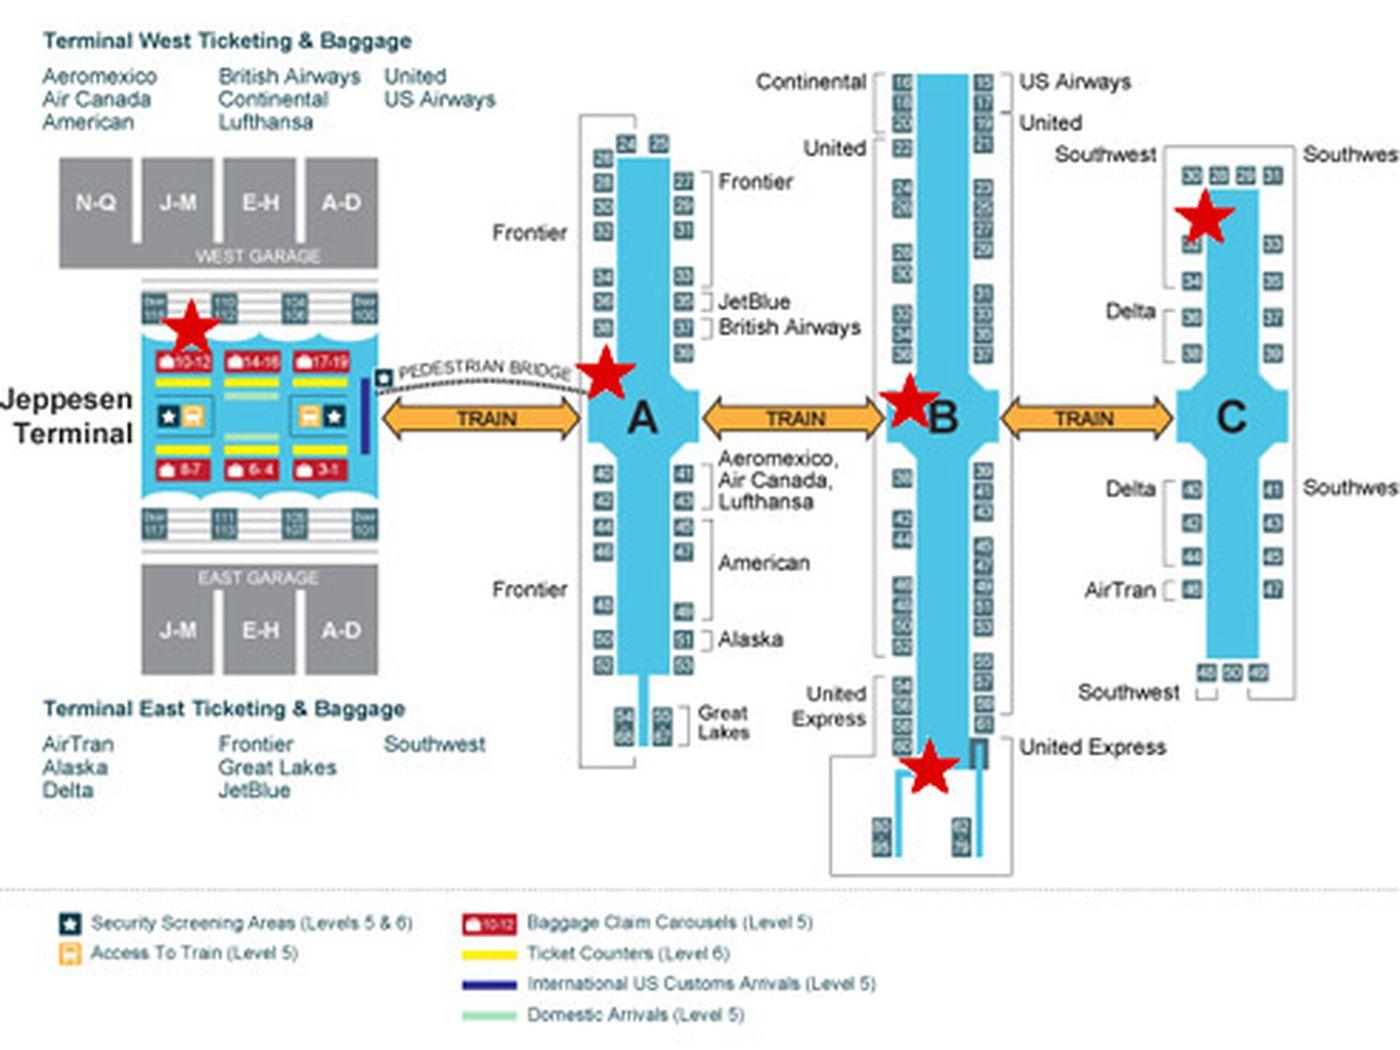 Where to Eat at Denver International Airport - Eater Denver